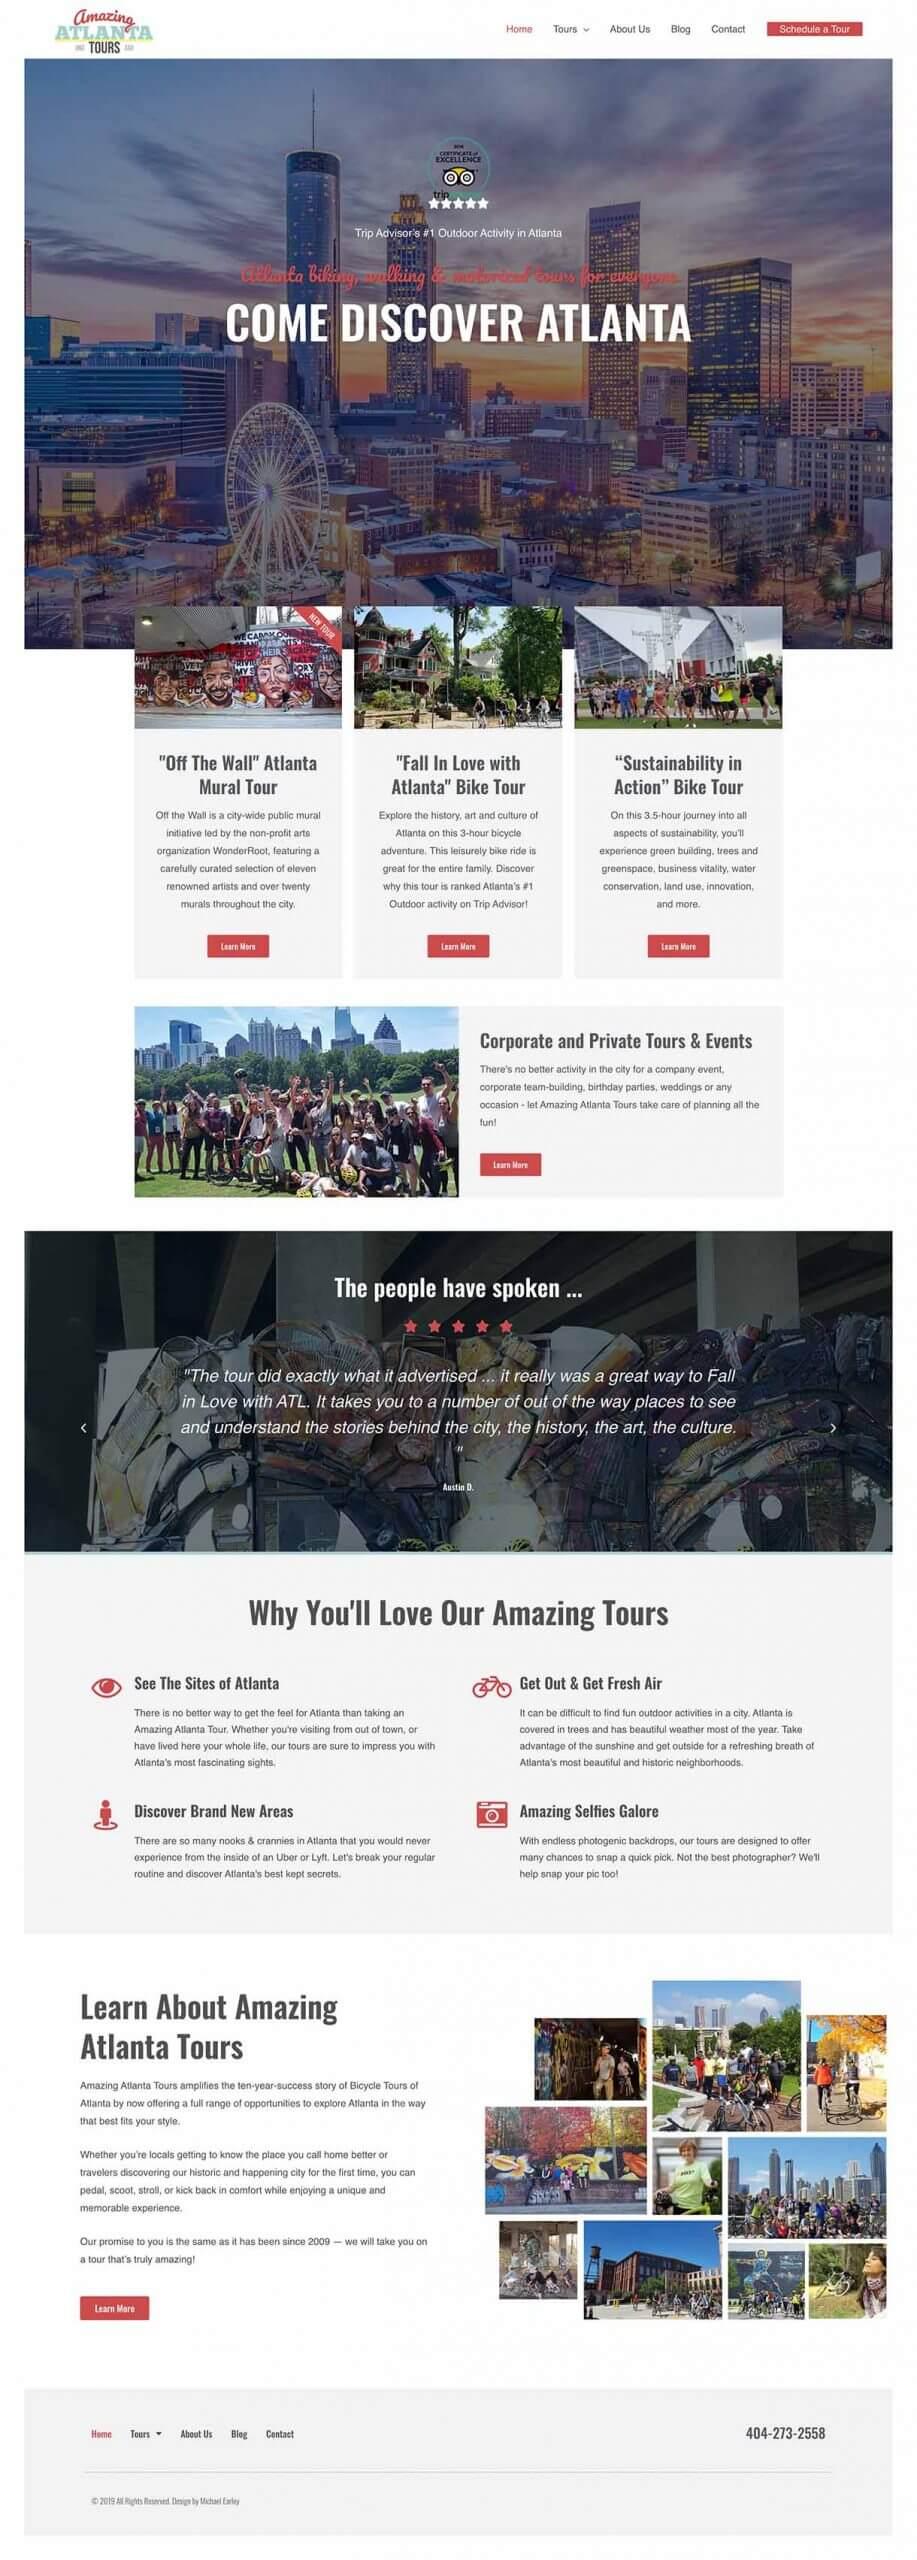 Amazing Atlanta Tours Website Design